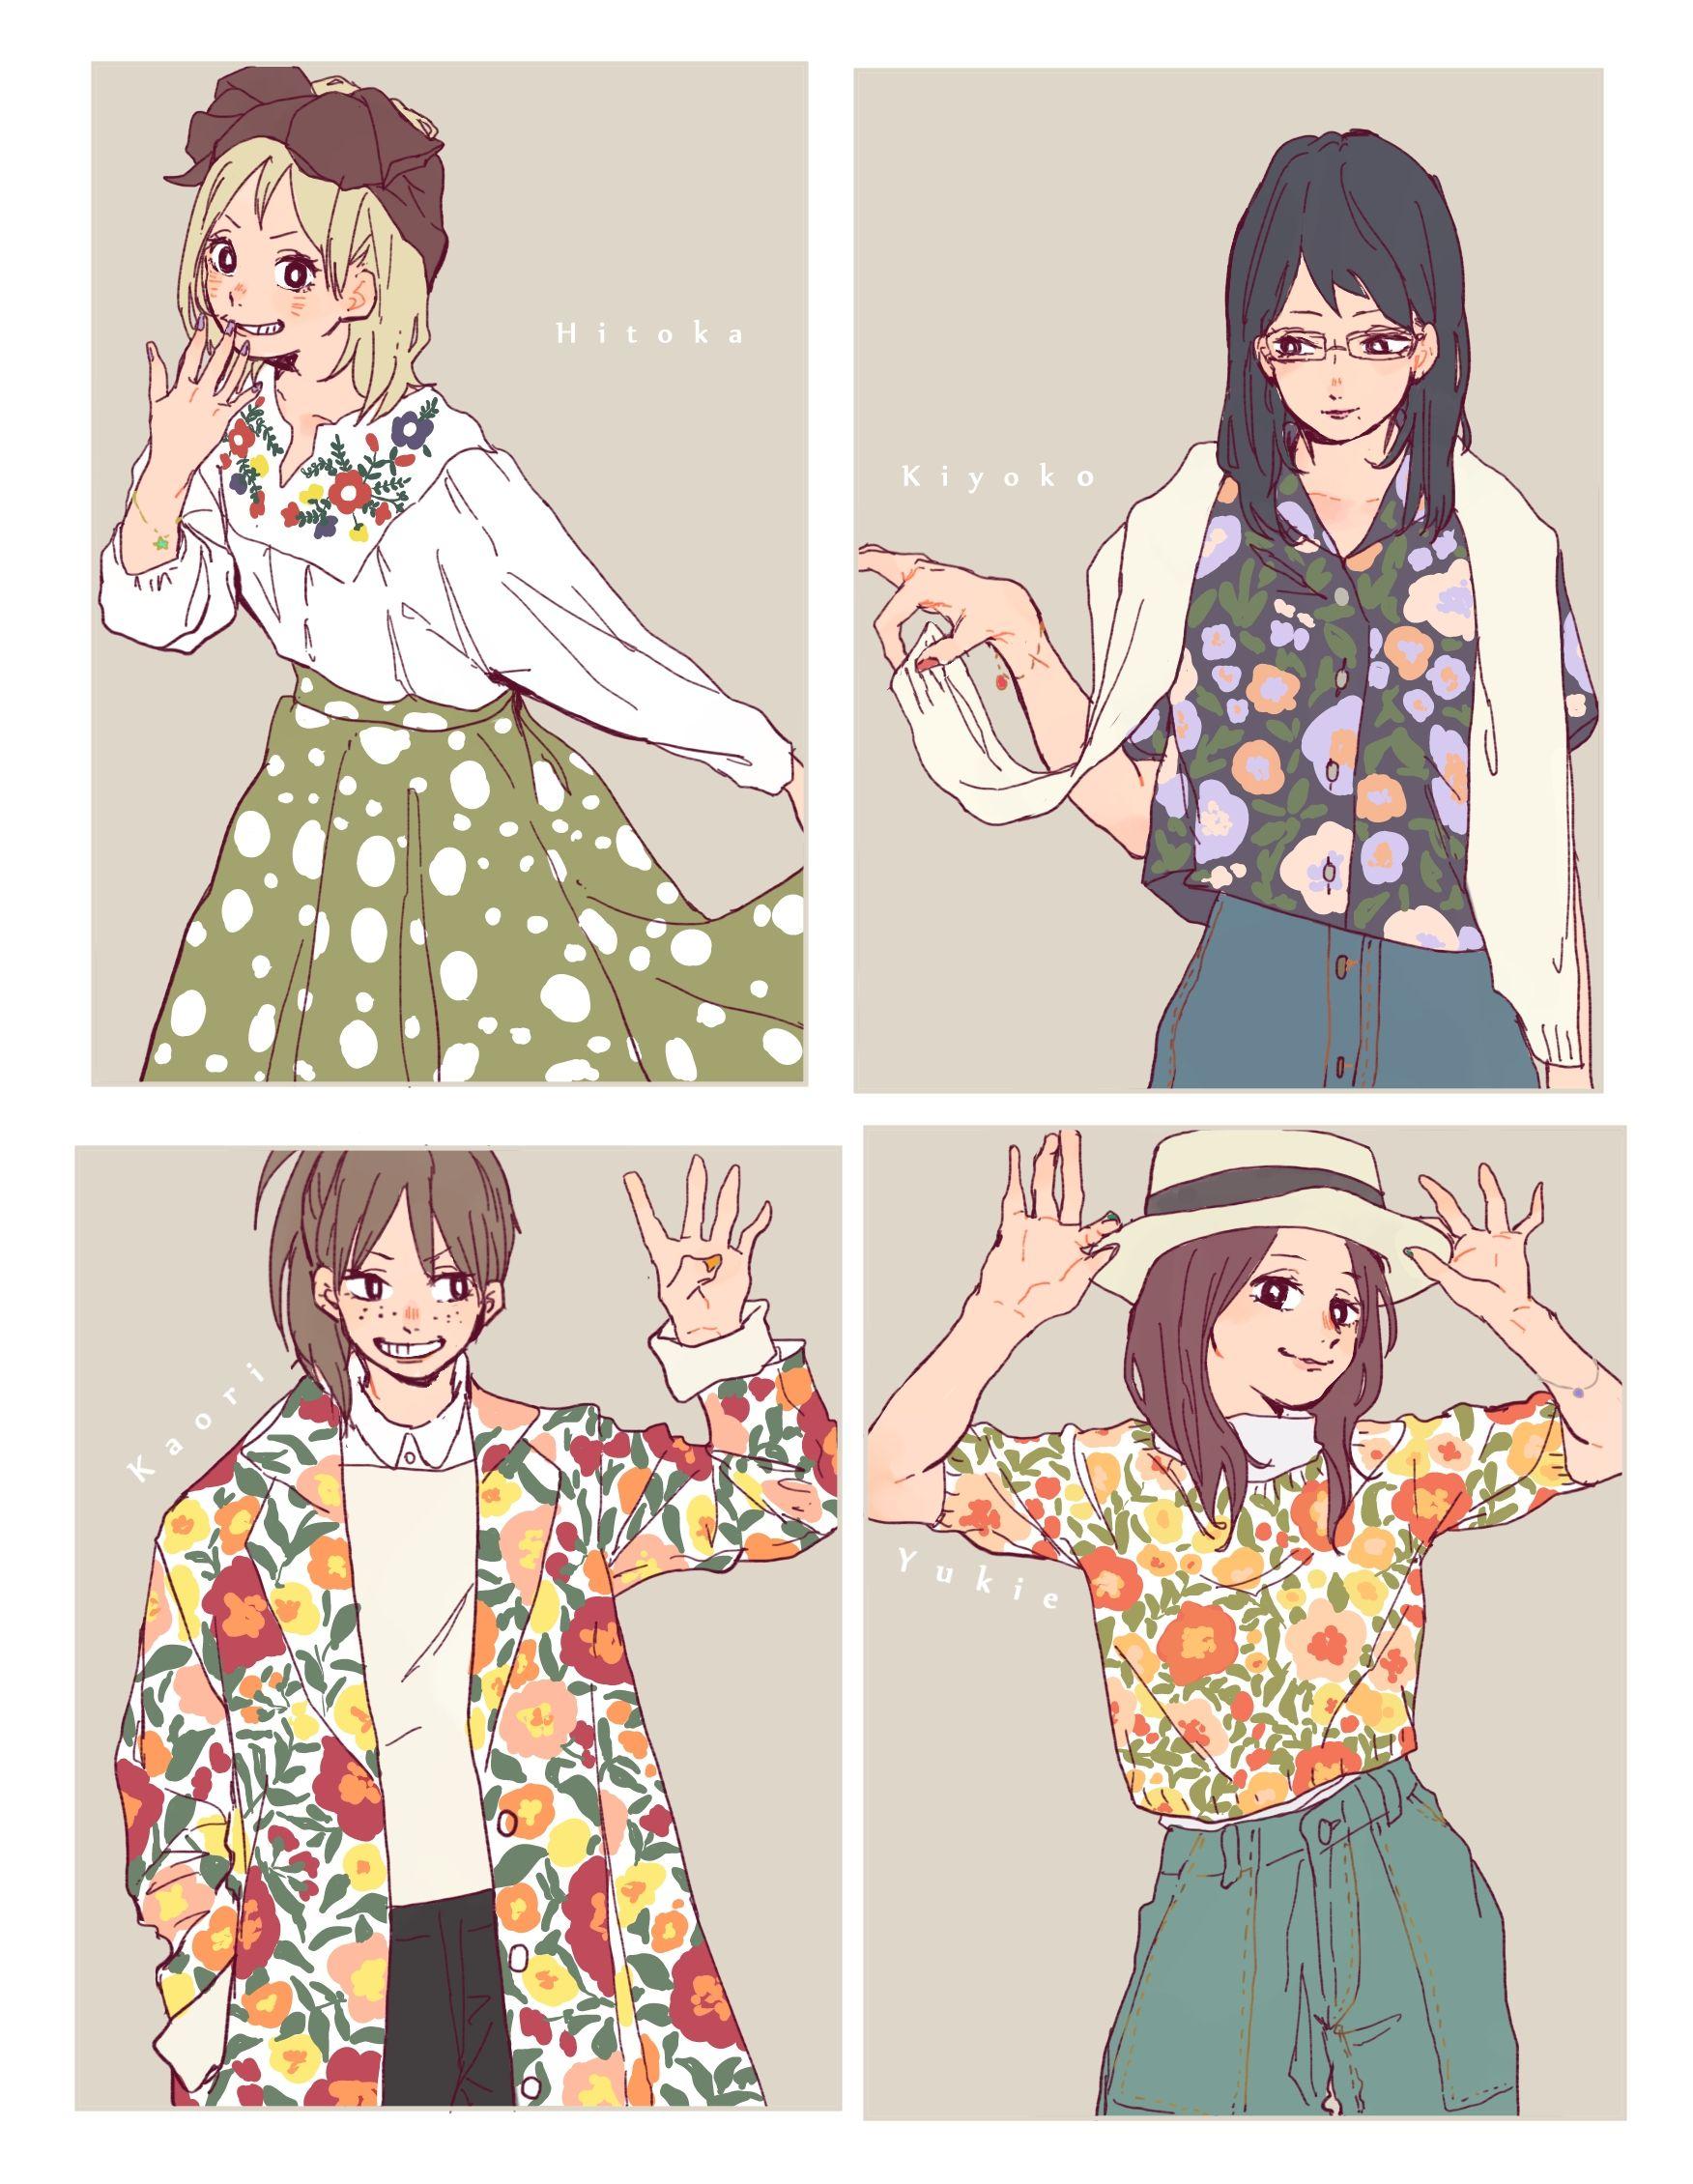 Tags: Fanart, Pixiv, Fanart From Pixiv, Haikyuu!!, Shimizu Kiyoko, Hitoka Yachi, Pixiv Id 7173738, Suzumeda Kaori, Shirofuku Yukie